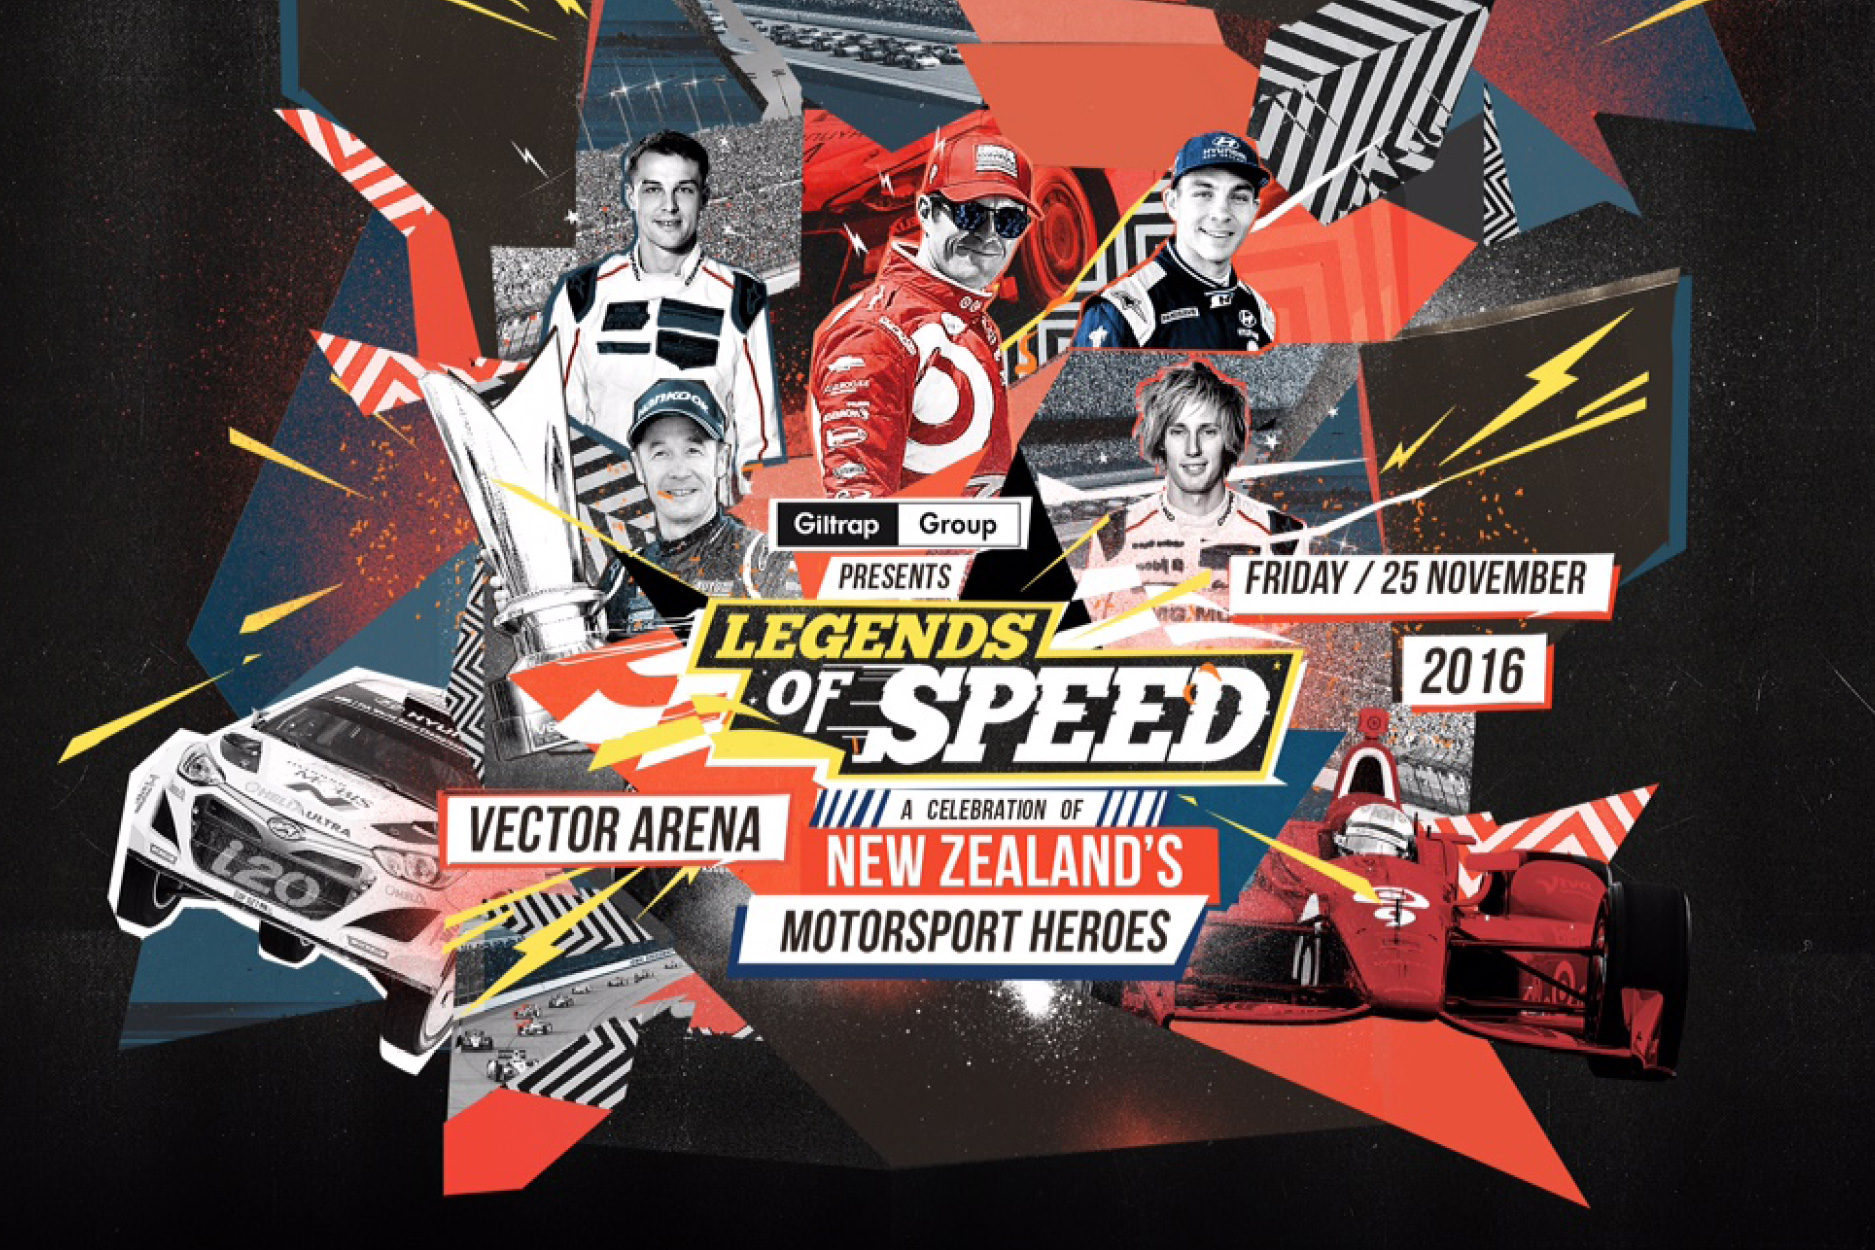 Legends of Speed Motorsport New Zealand